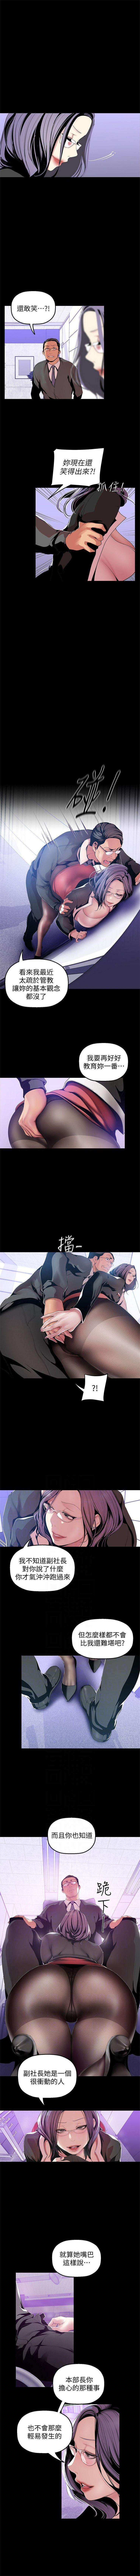 (週1)美麗新世界 1-76 中文翻譯 (更新中) 340